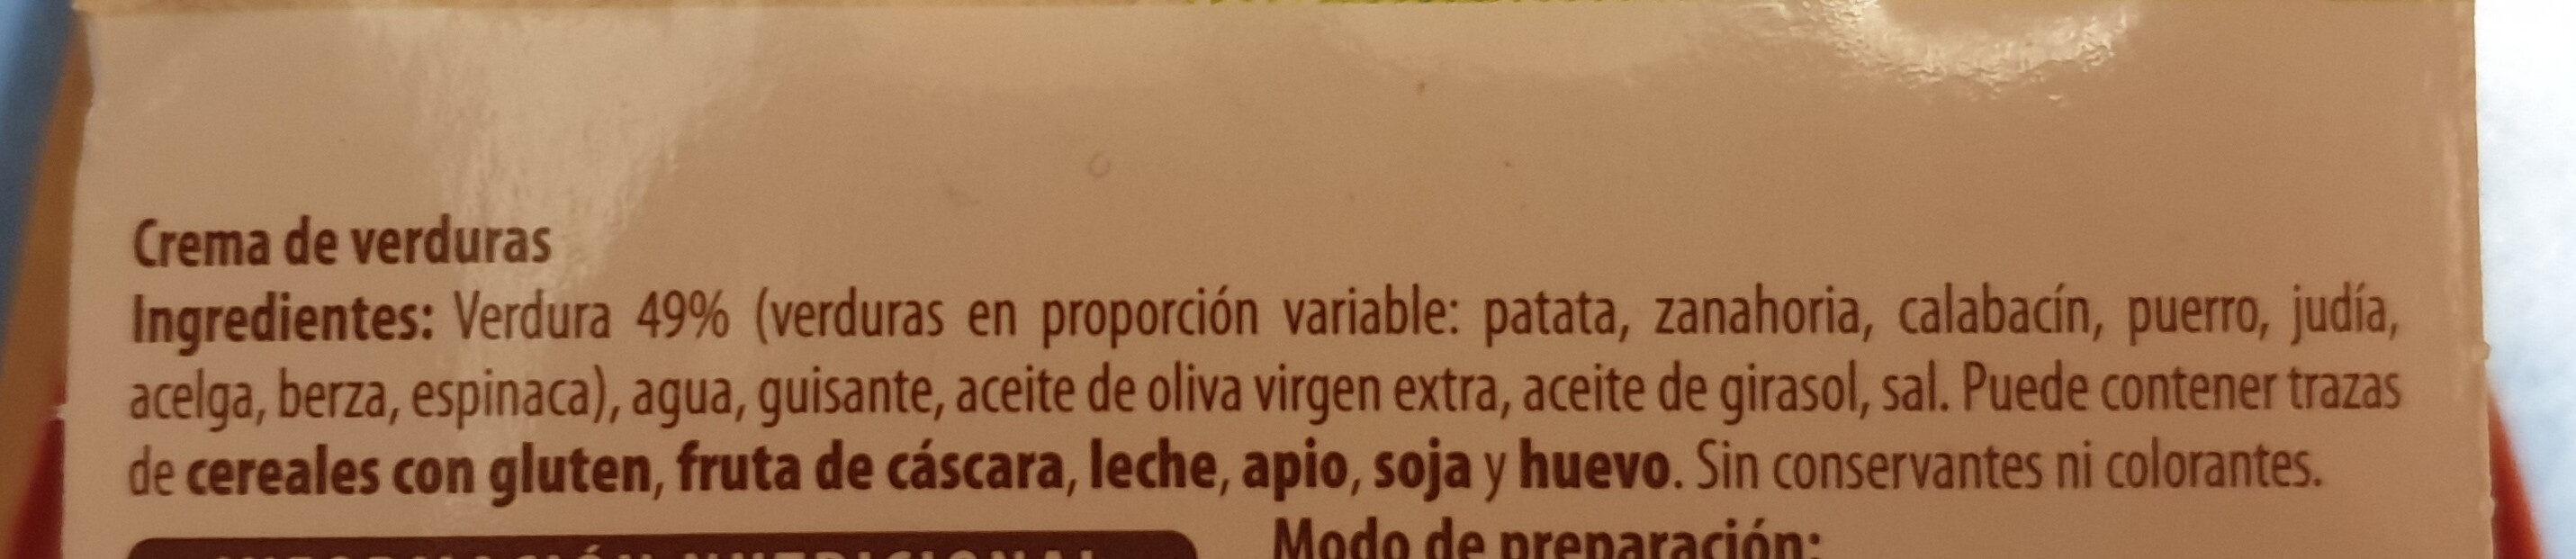 Crema de verduras - Ingredientes - es